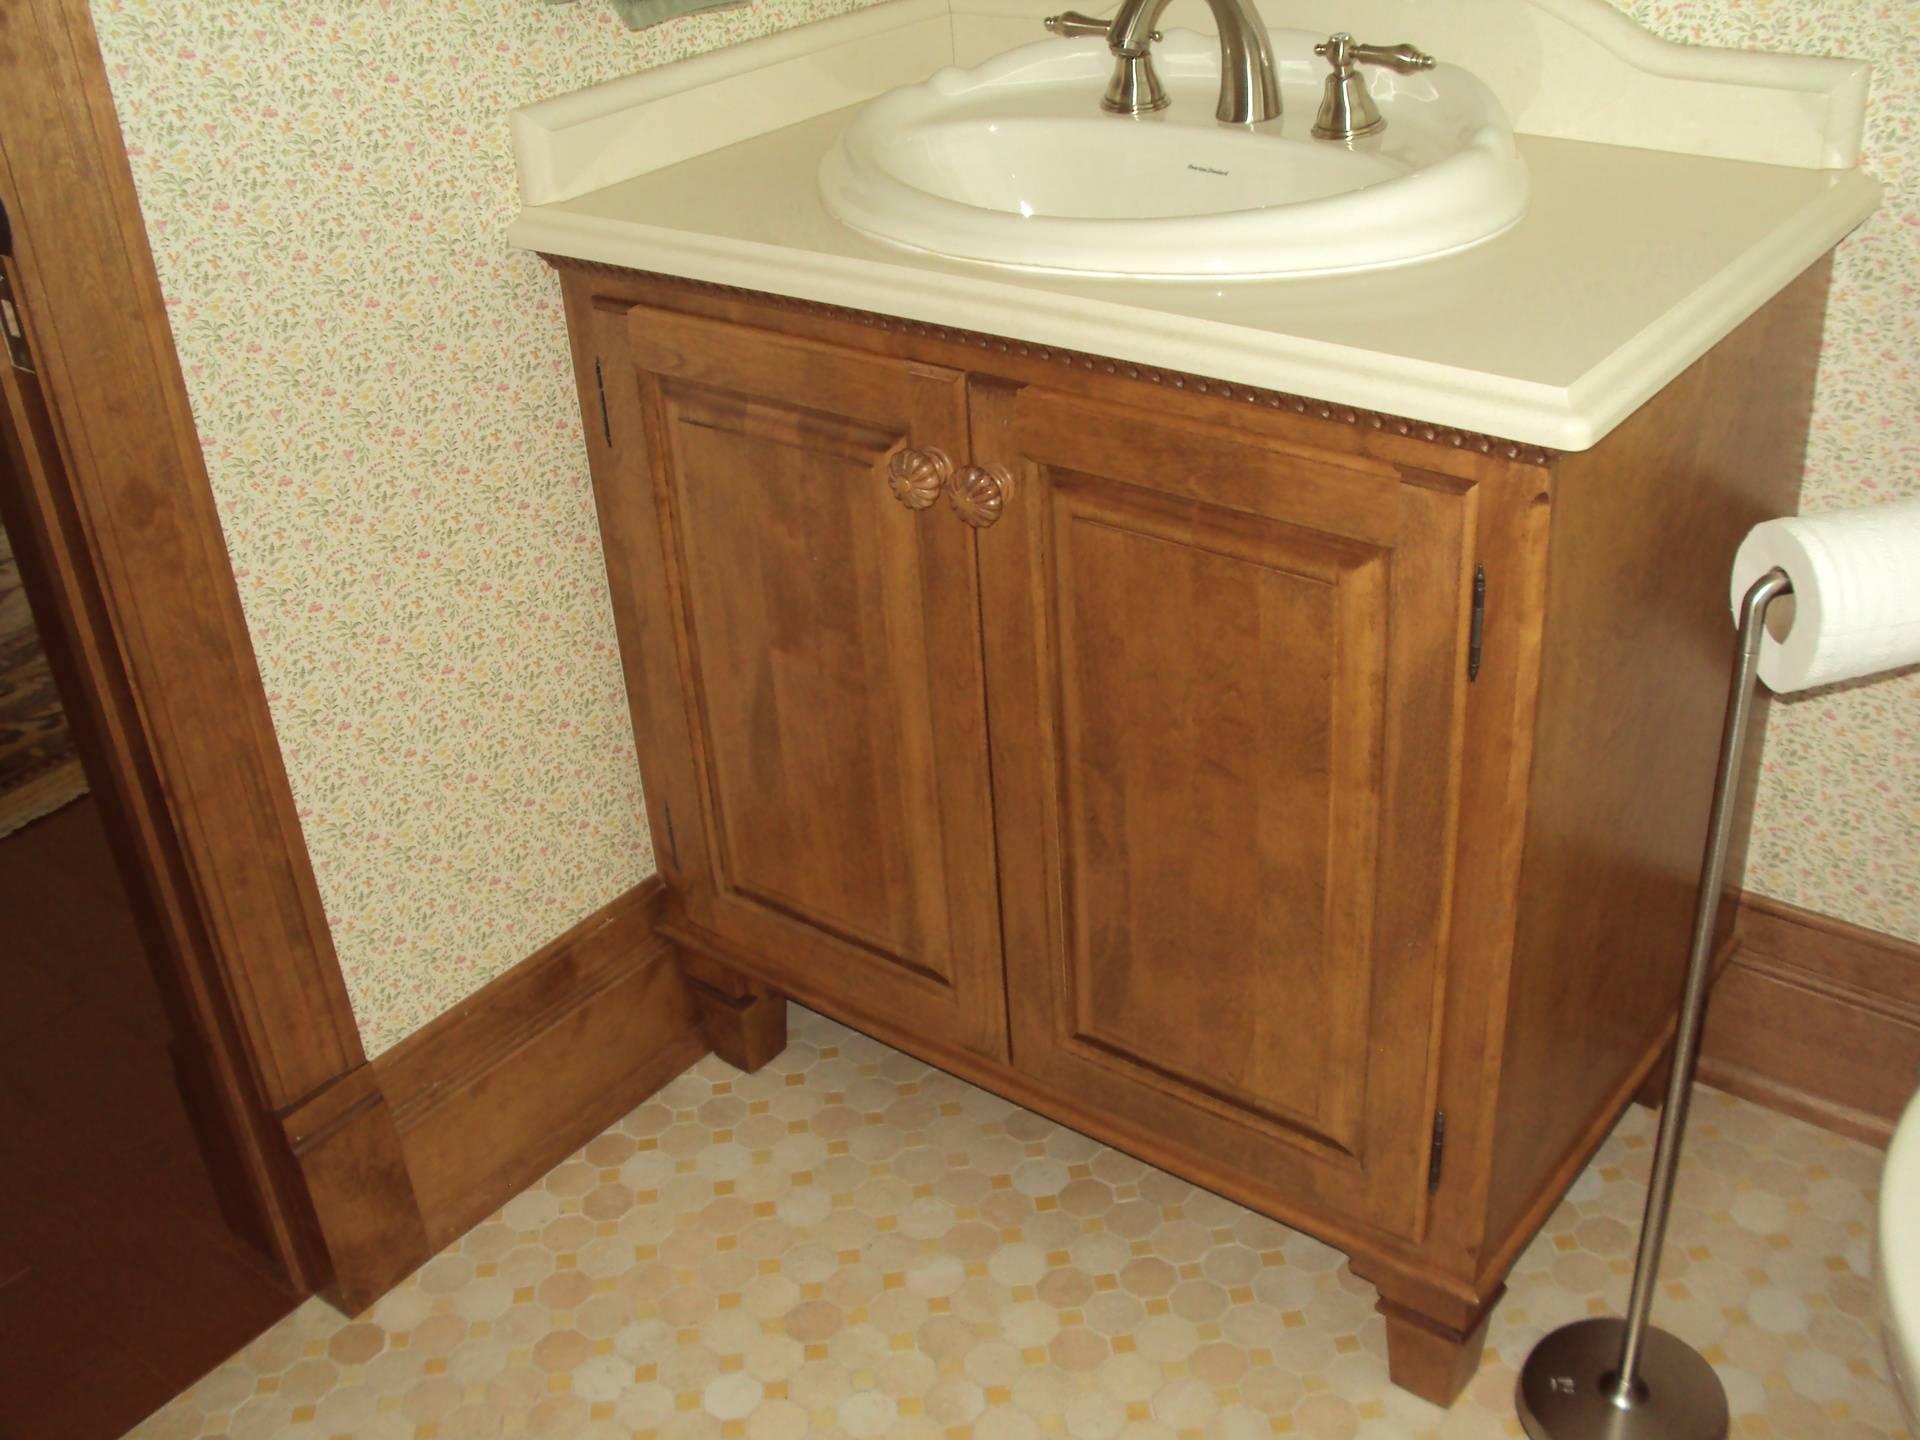 Vanité de salle de bain en bois, comptoir de quartz